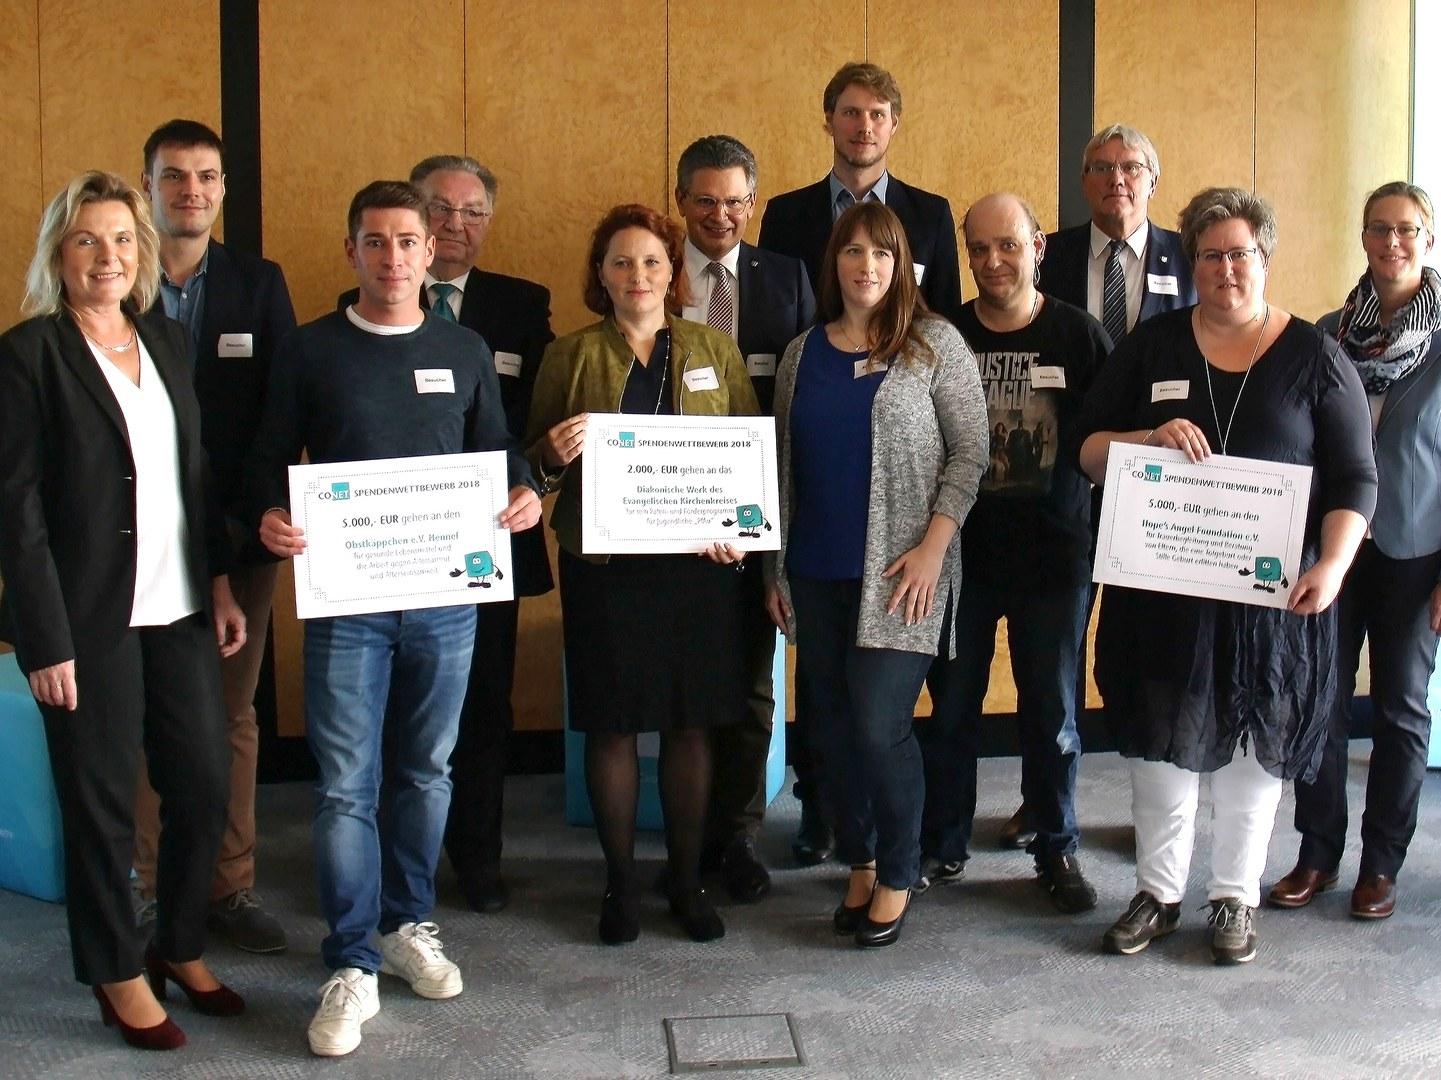 Die Gewinner des CONET-Spendenwettbewerbs